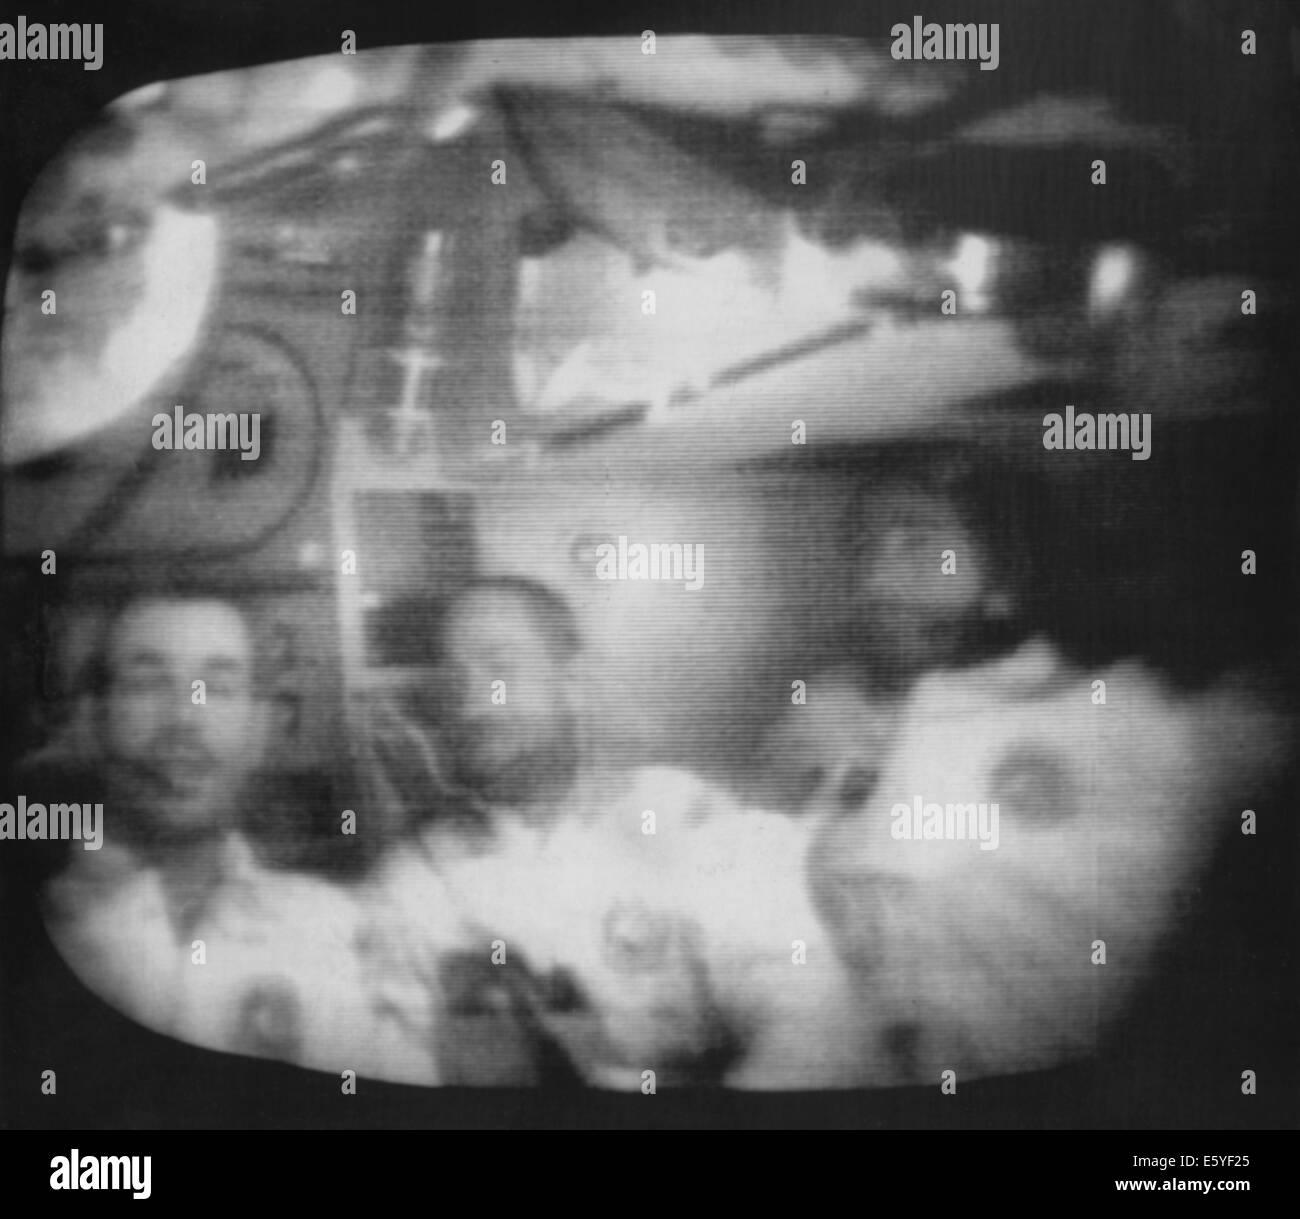 Los astronautas David Scott, Alfred Worden y James Irwin dando conferencia de prensa a bordo del Apolo 15, Agosto Imagen De Stock